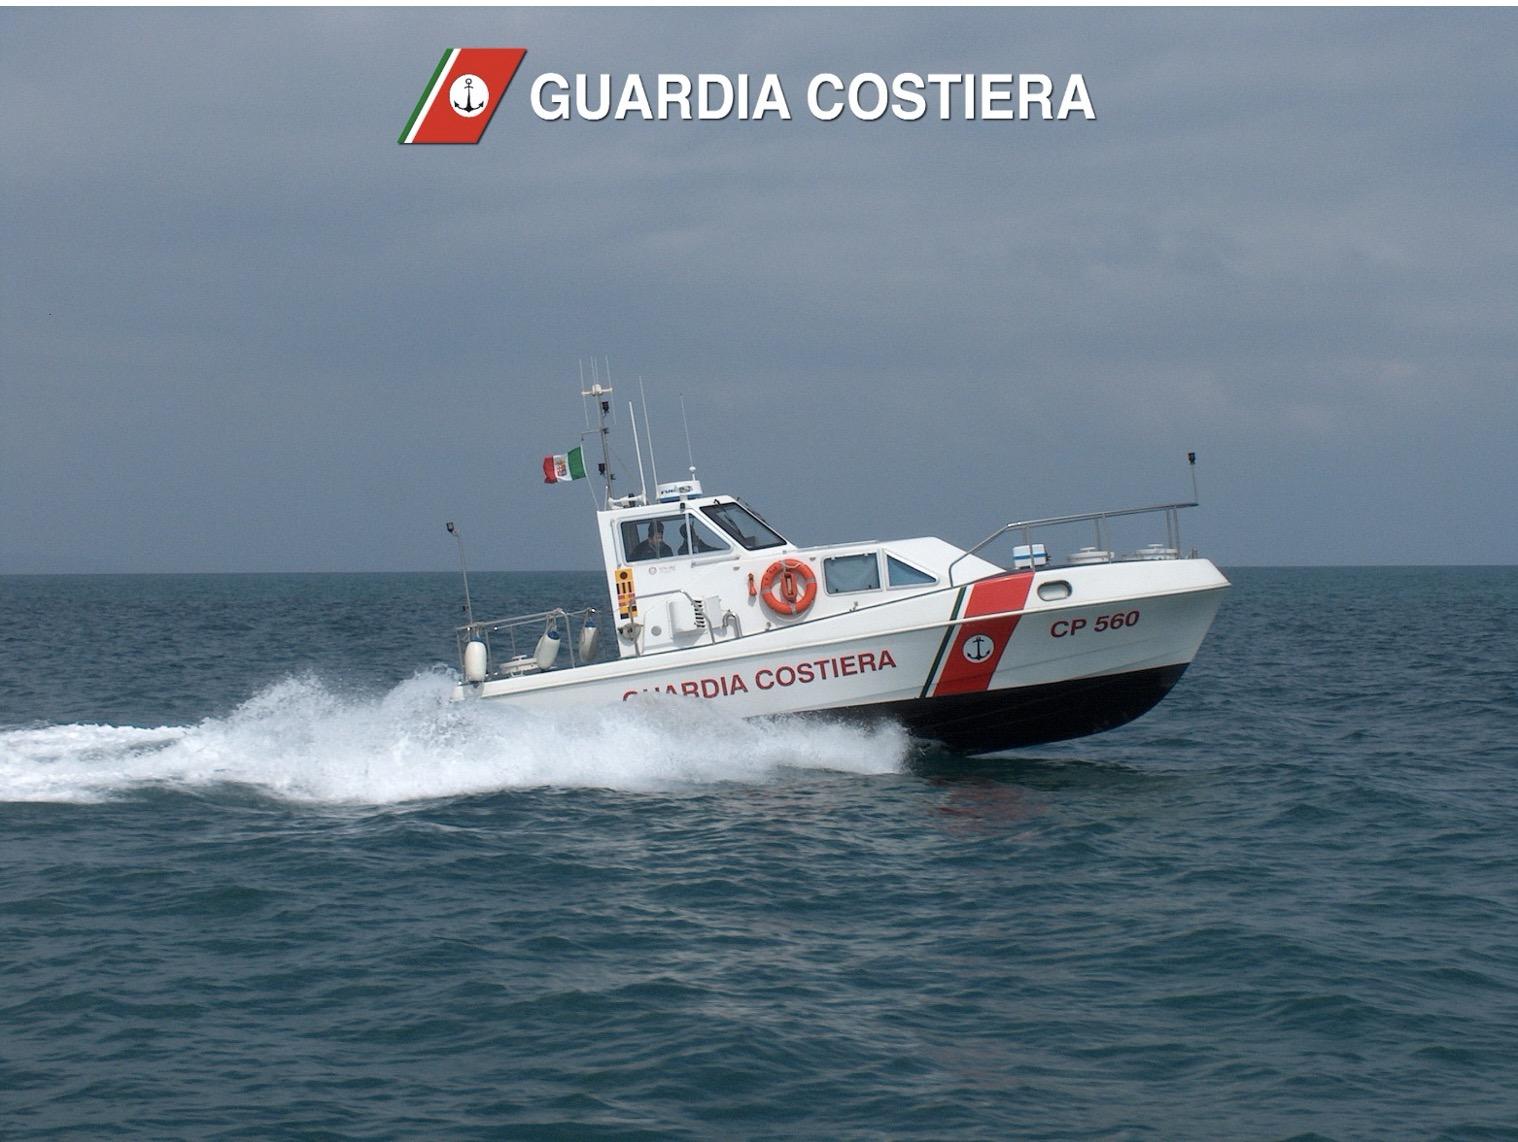 """TITOLO: Unità da diporto ancorata all'interno della zona """"C"""" dell'Area Marina Protetta dell'Isola dell'Asinara. Denunciato il comandante"""